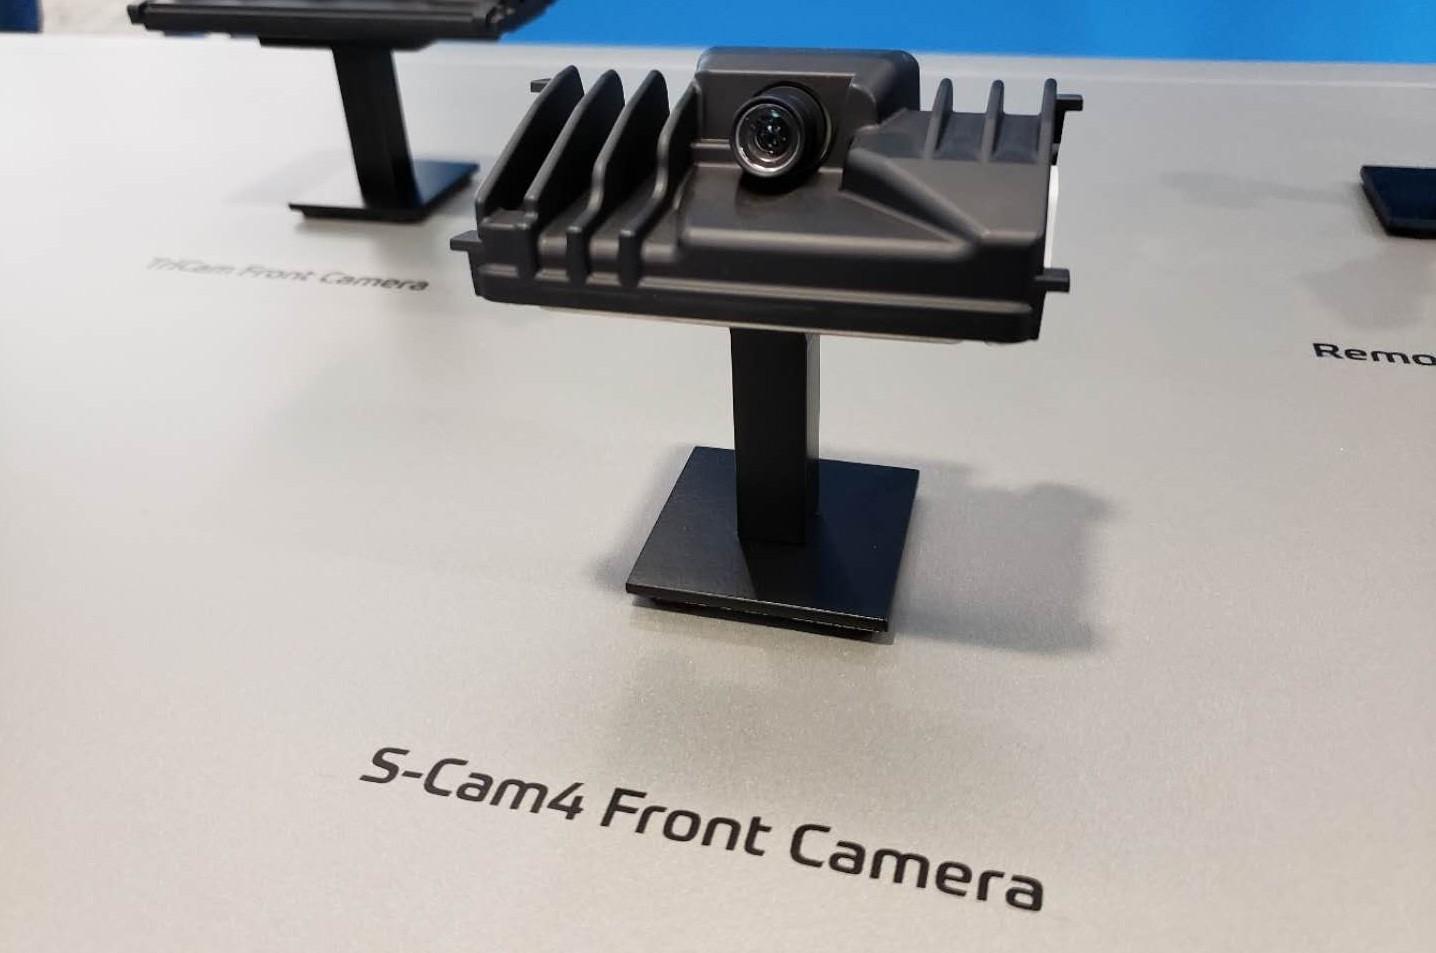 S-Cam4